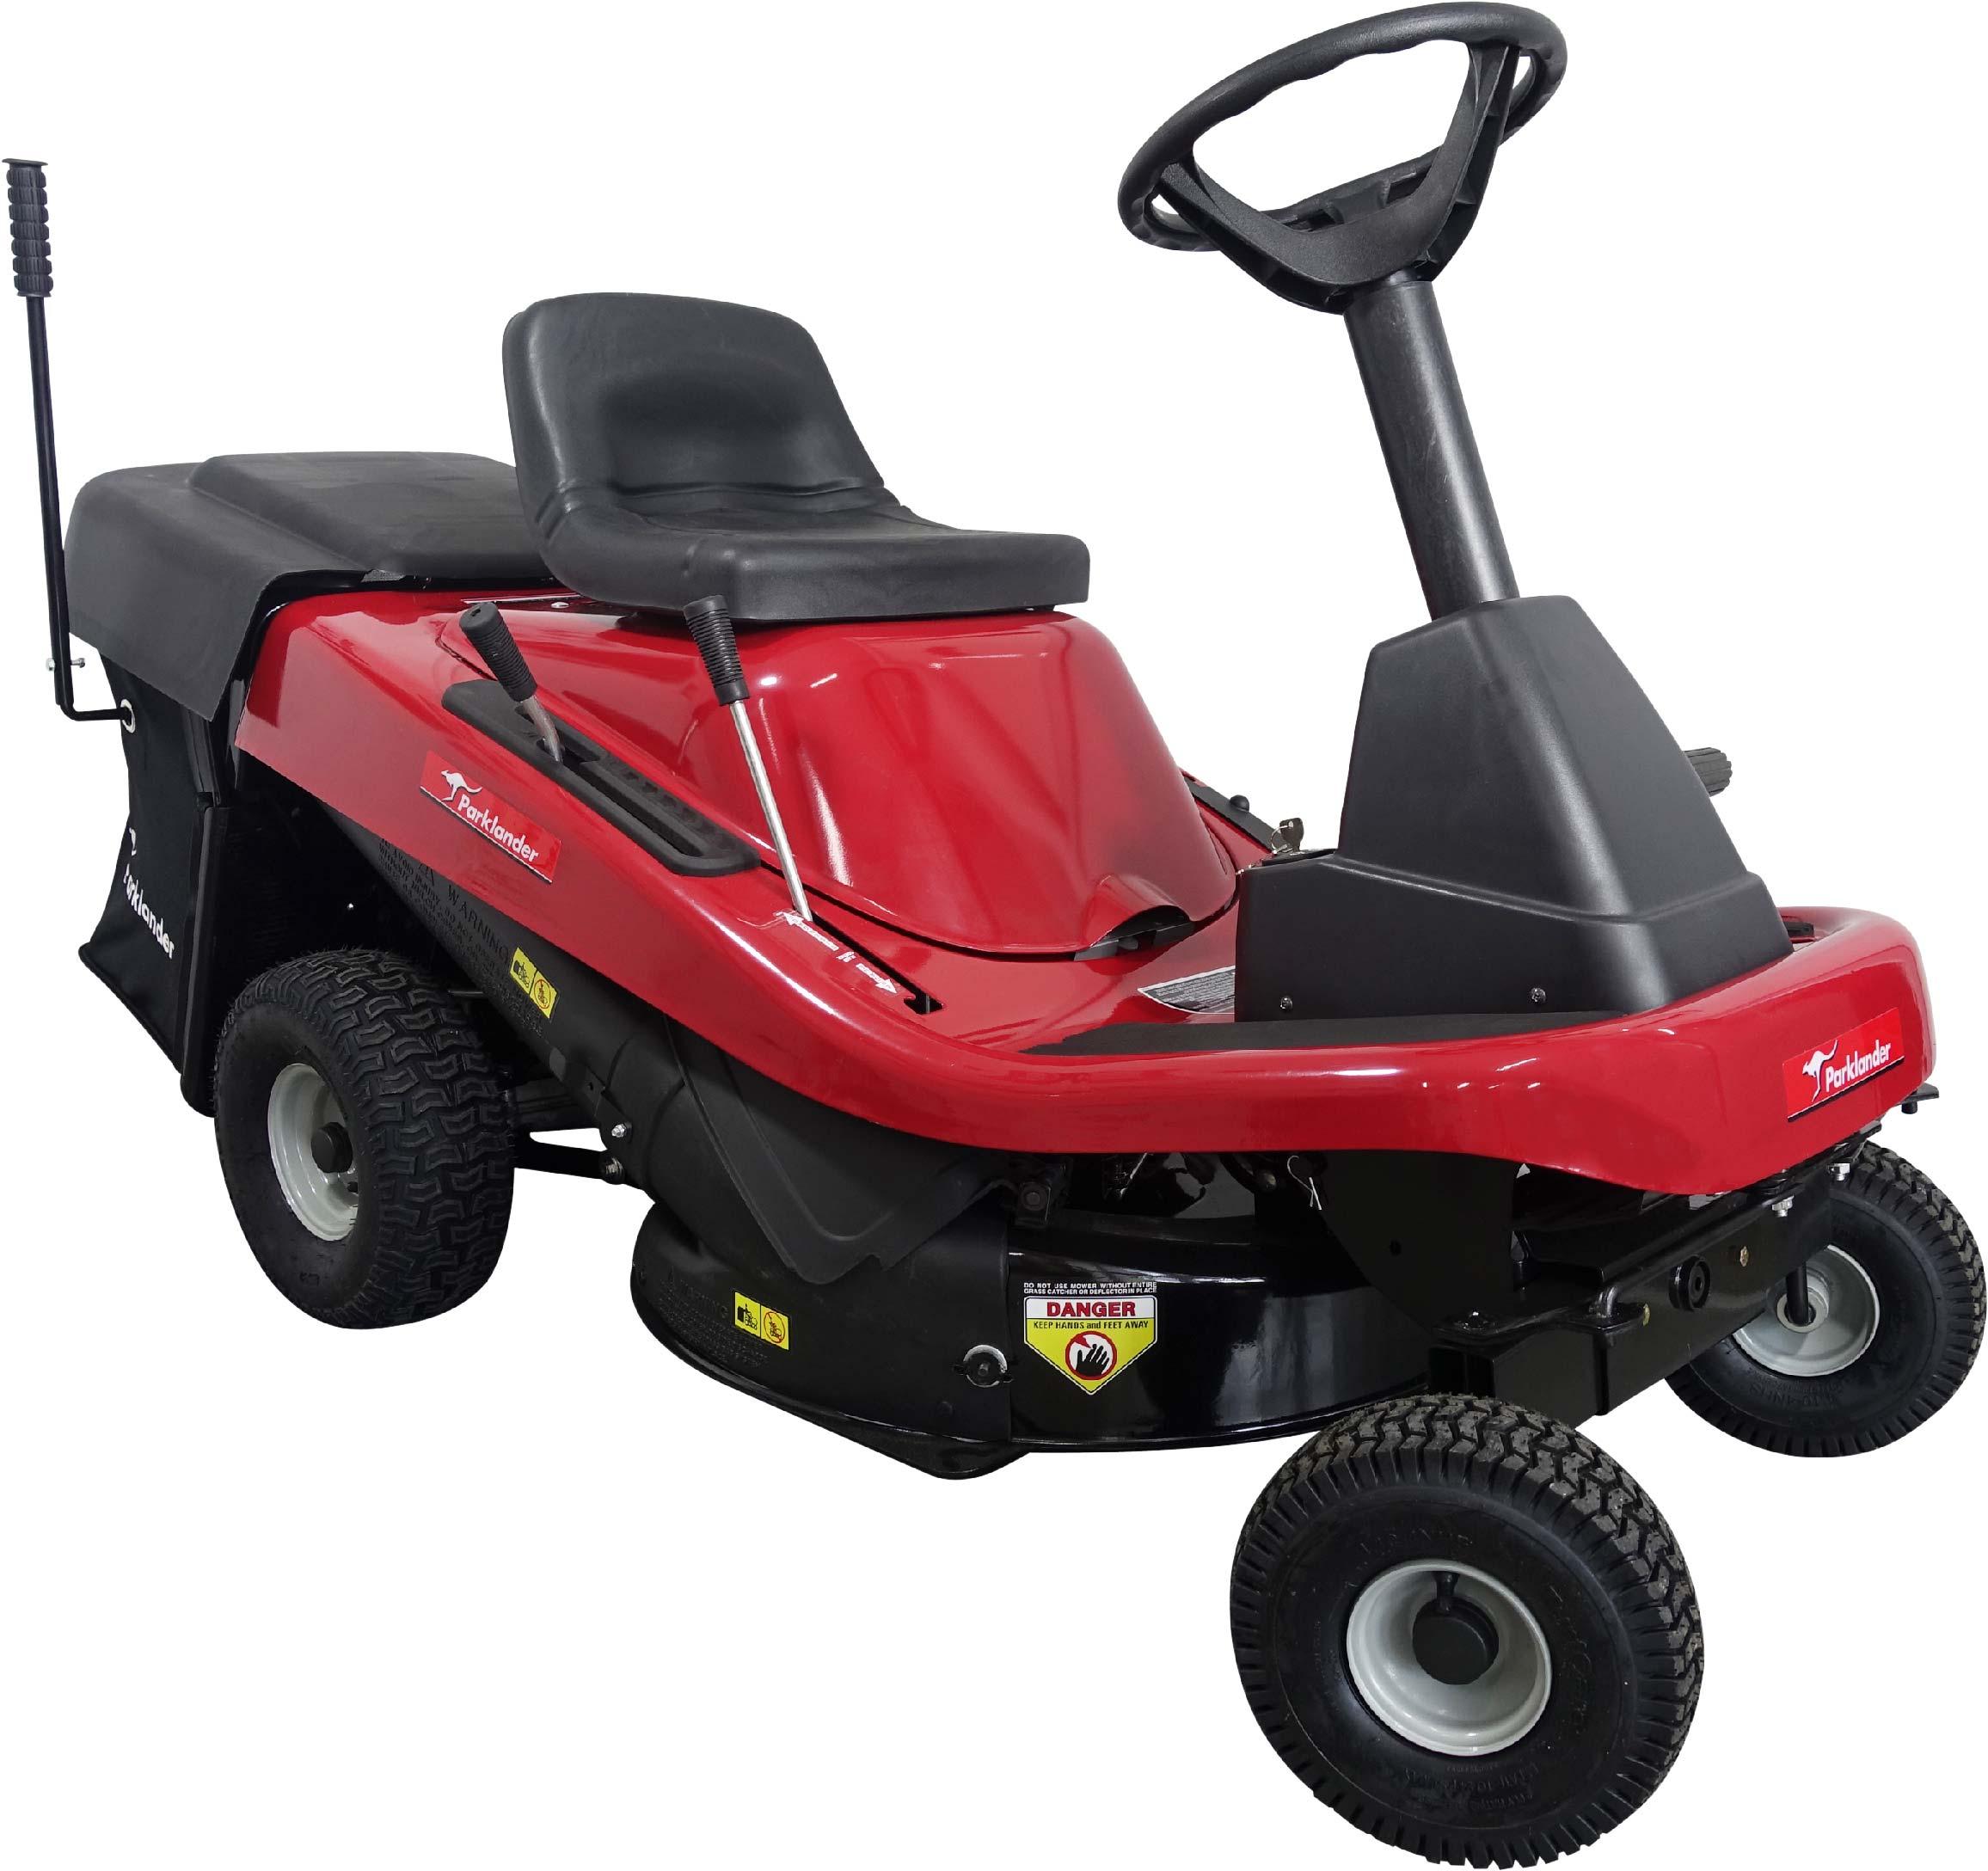 parklander ride on mower manual